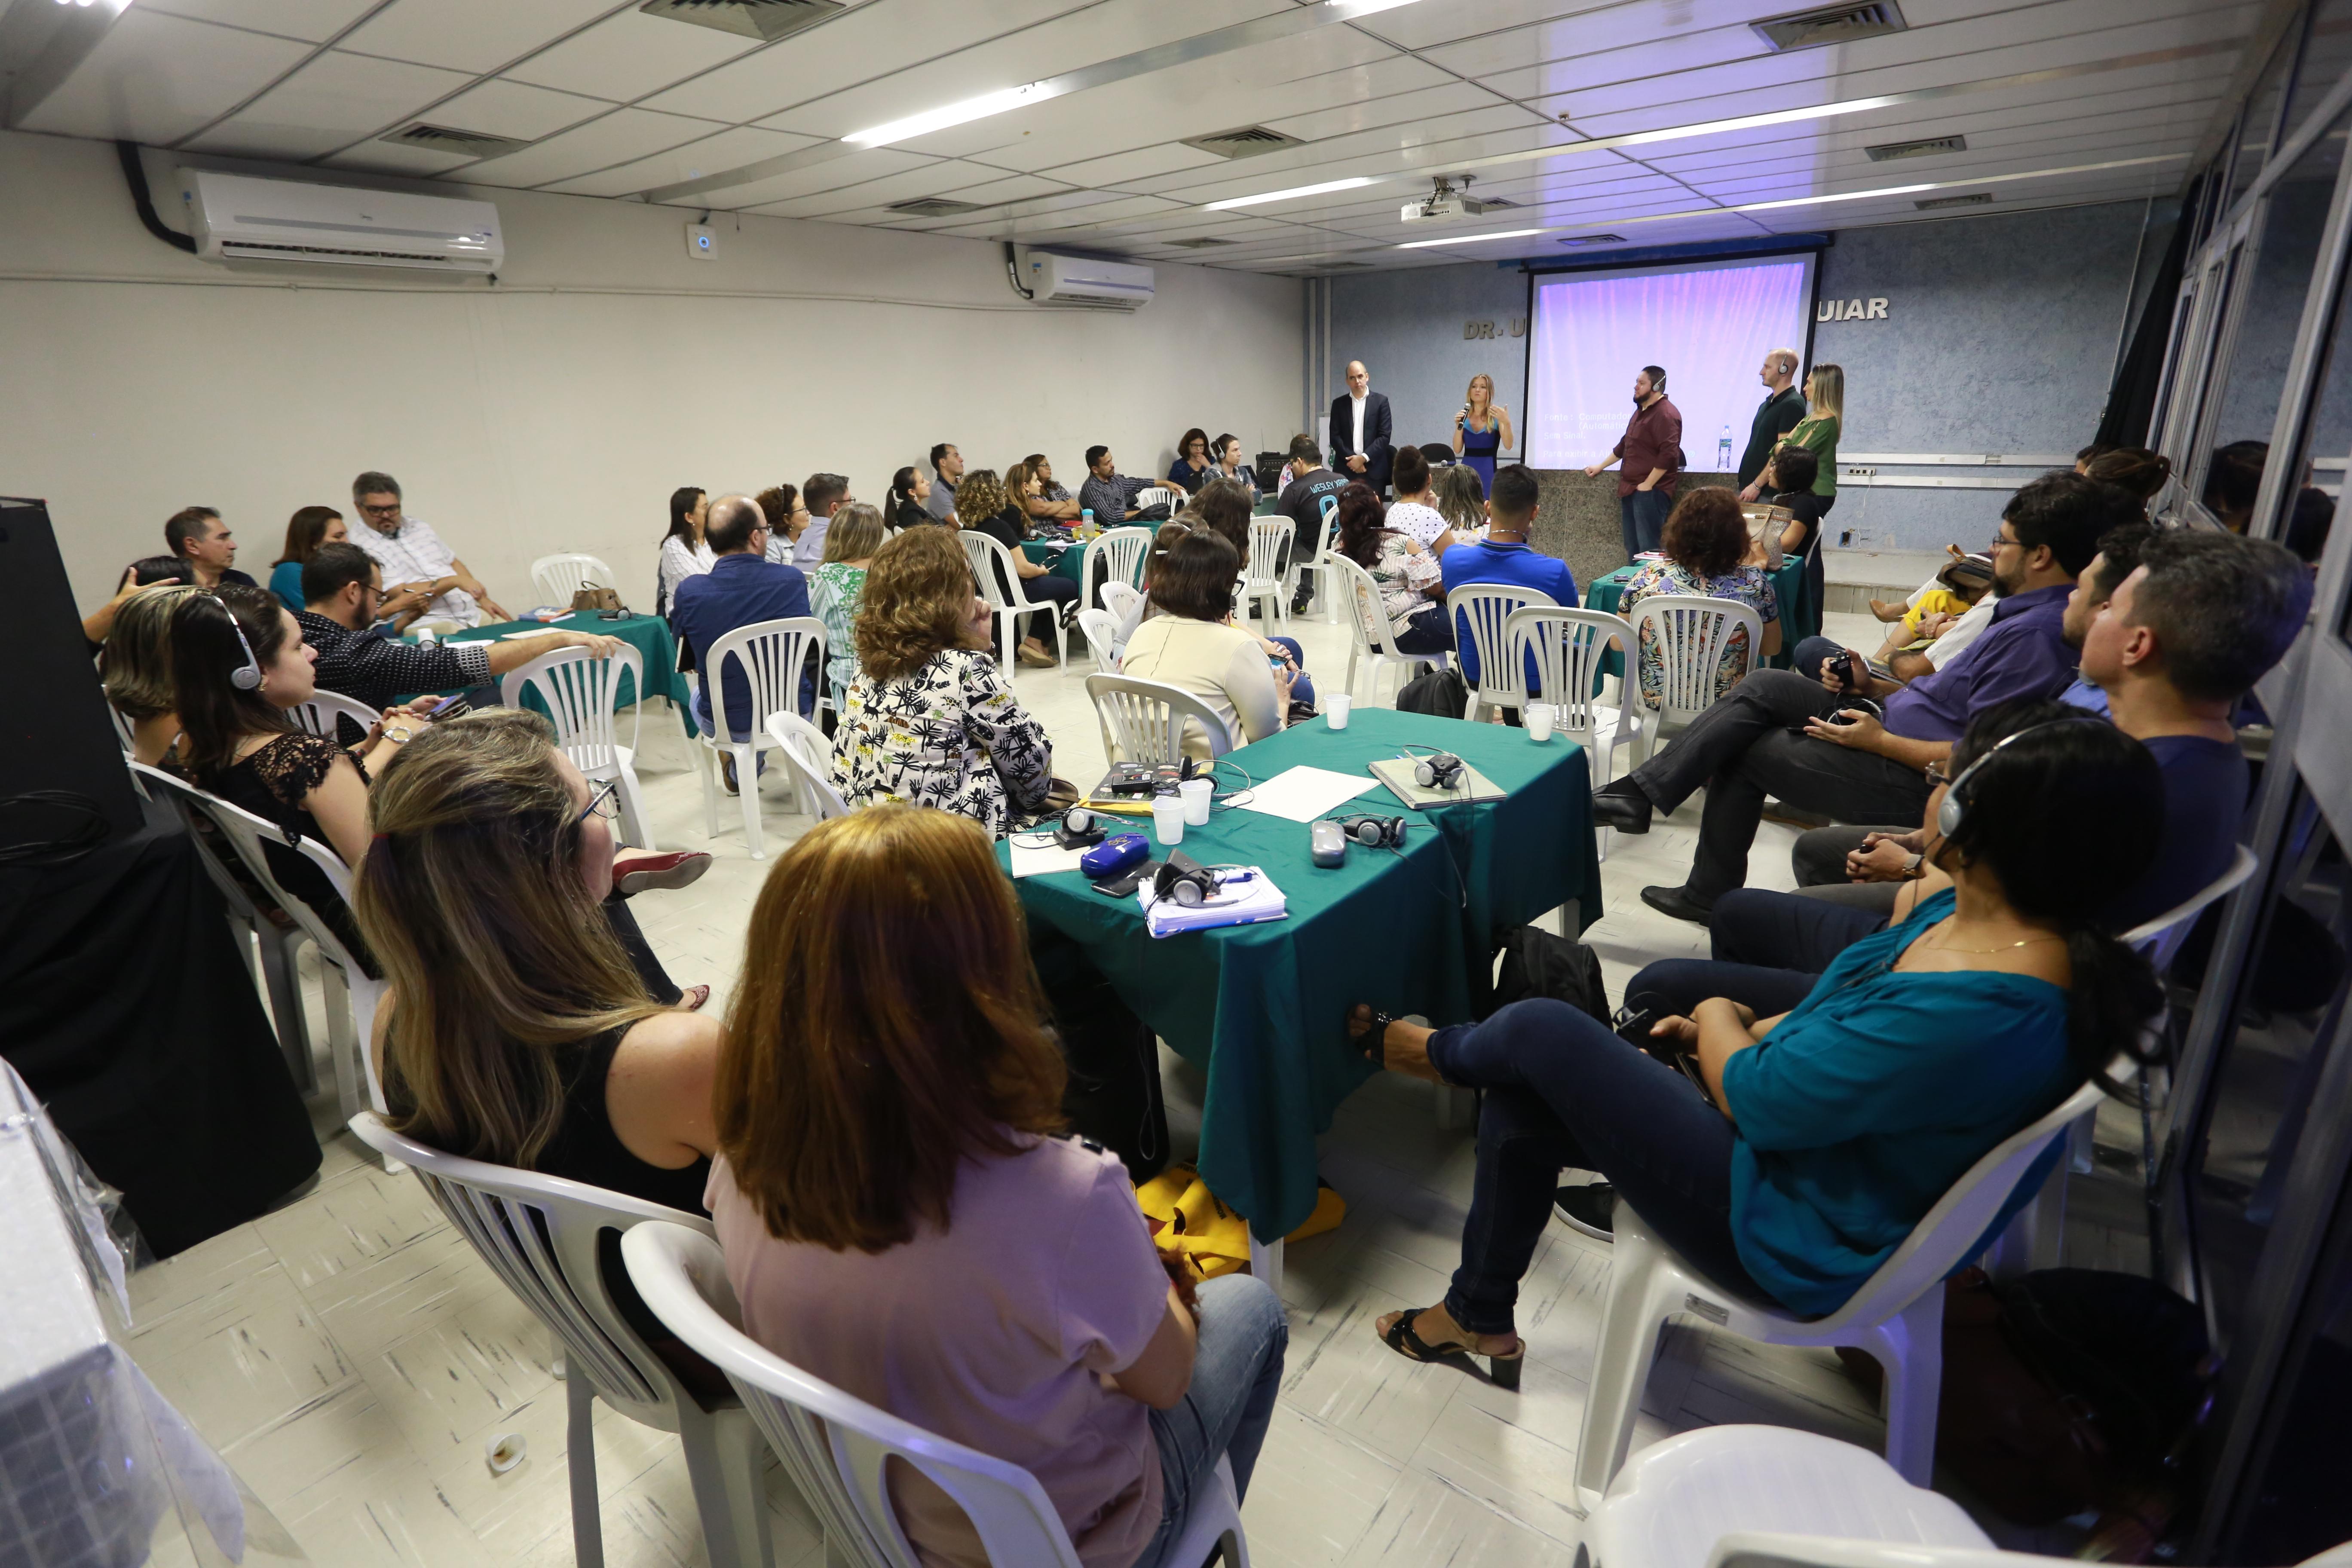 Ceará Pacífico: Vice-governadoria e Seduc conhecem experiências na área de competências socioemocionais de instituição dos EUA